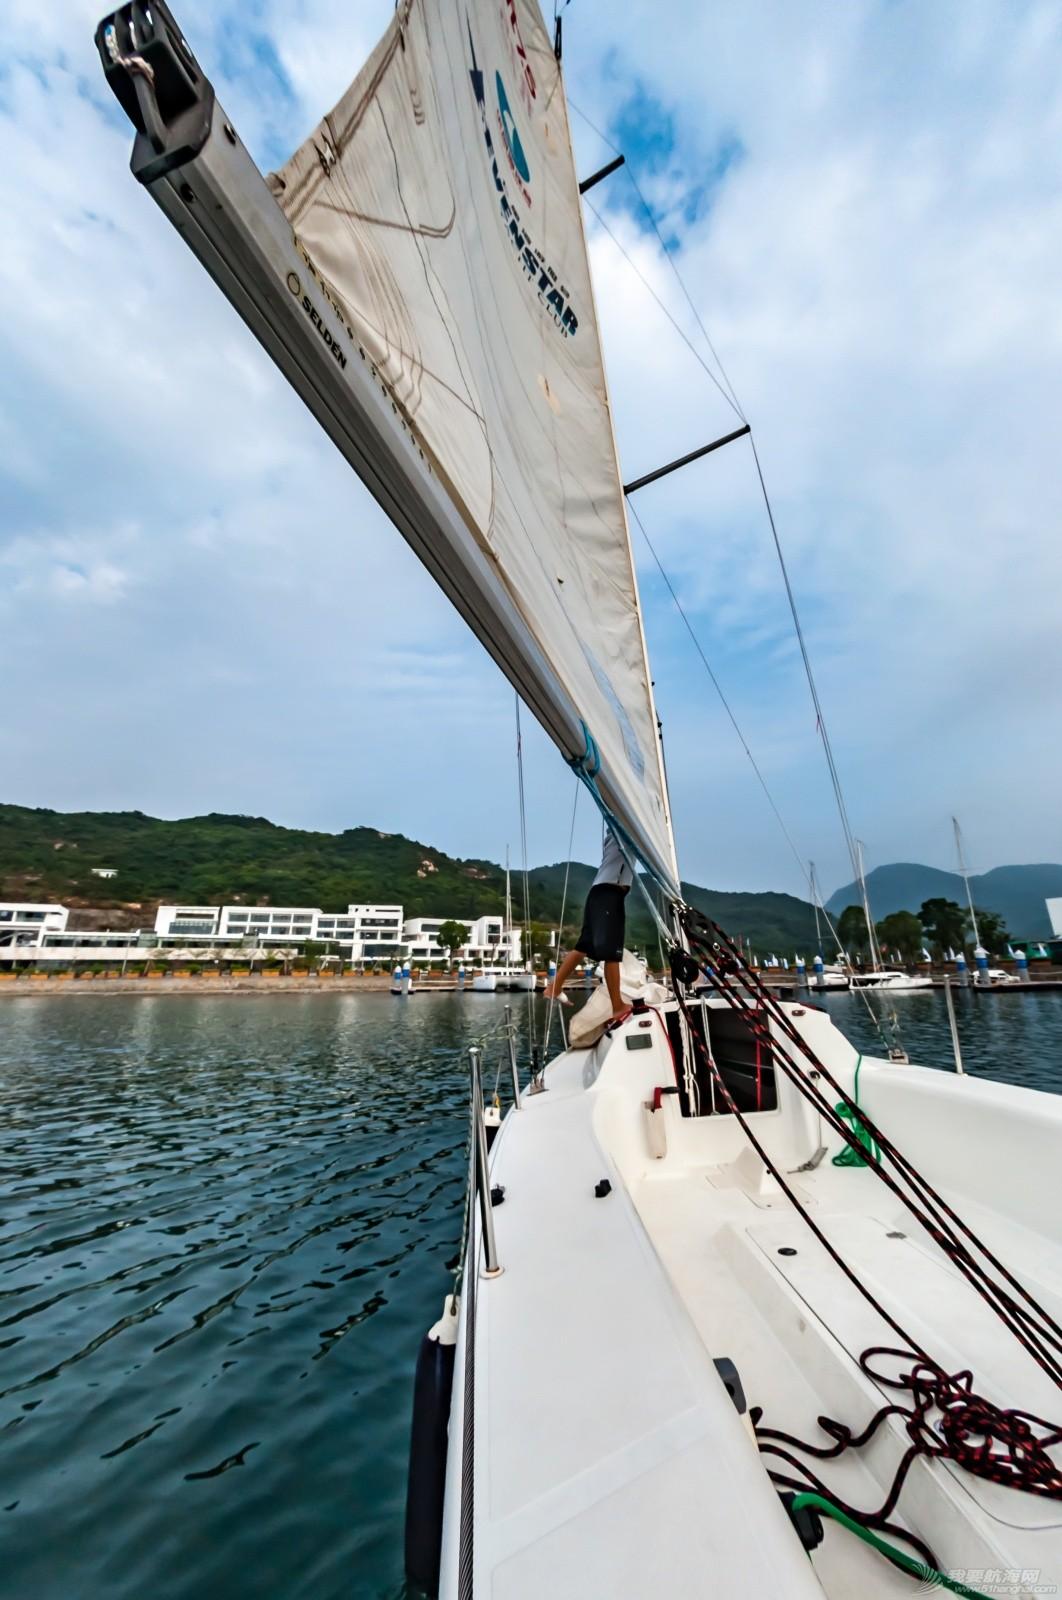 帆船 【2015大鹏杯帆船赛】鱼眼看航海 16060.jpg